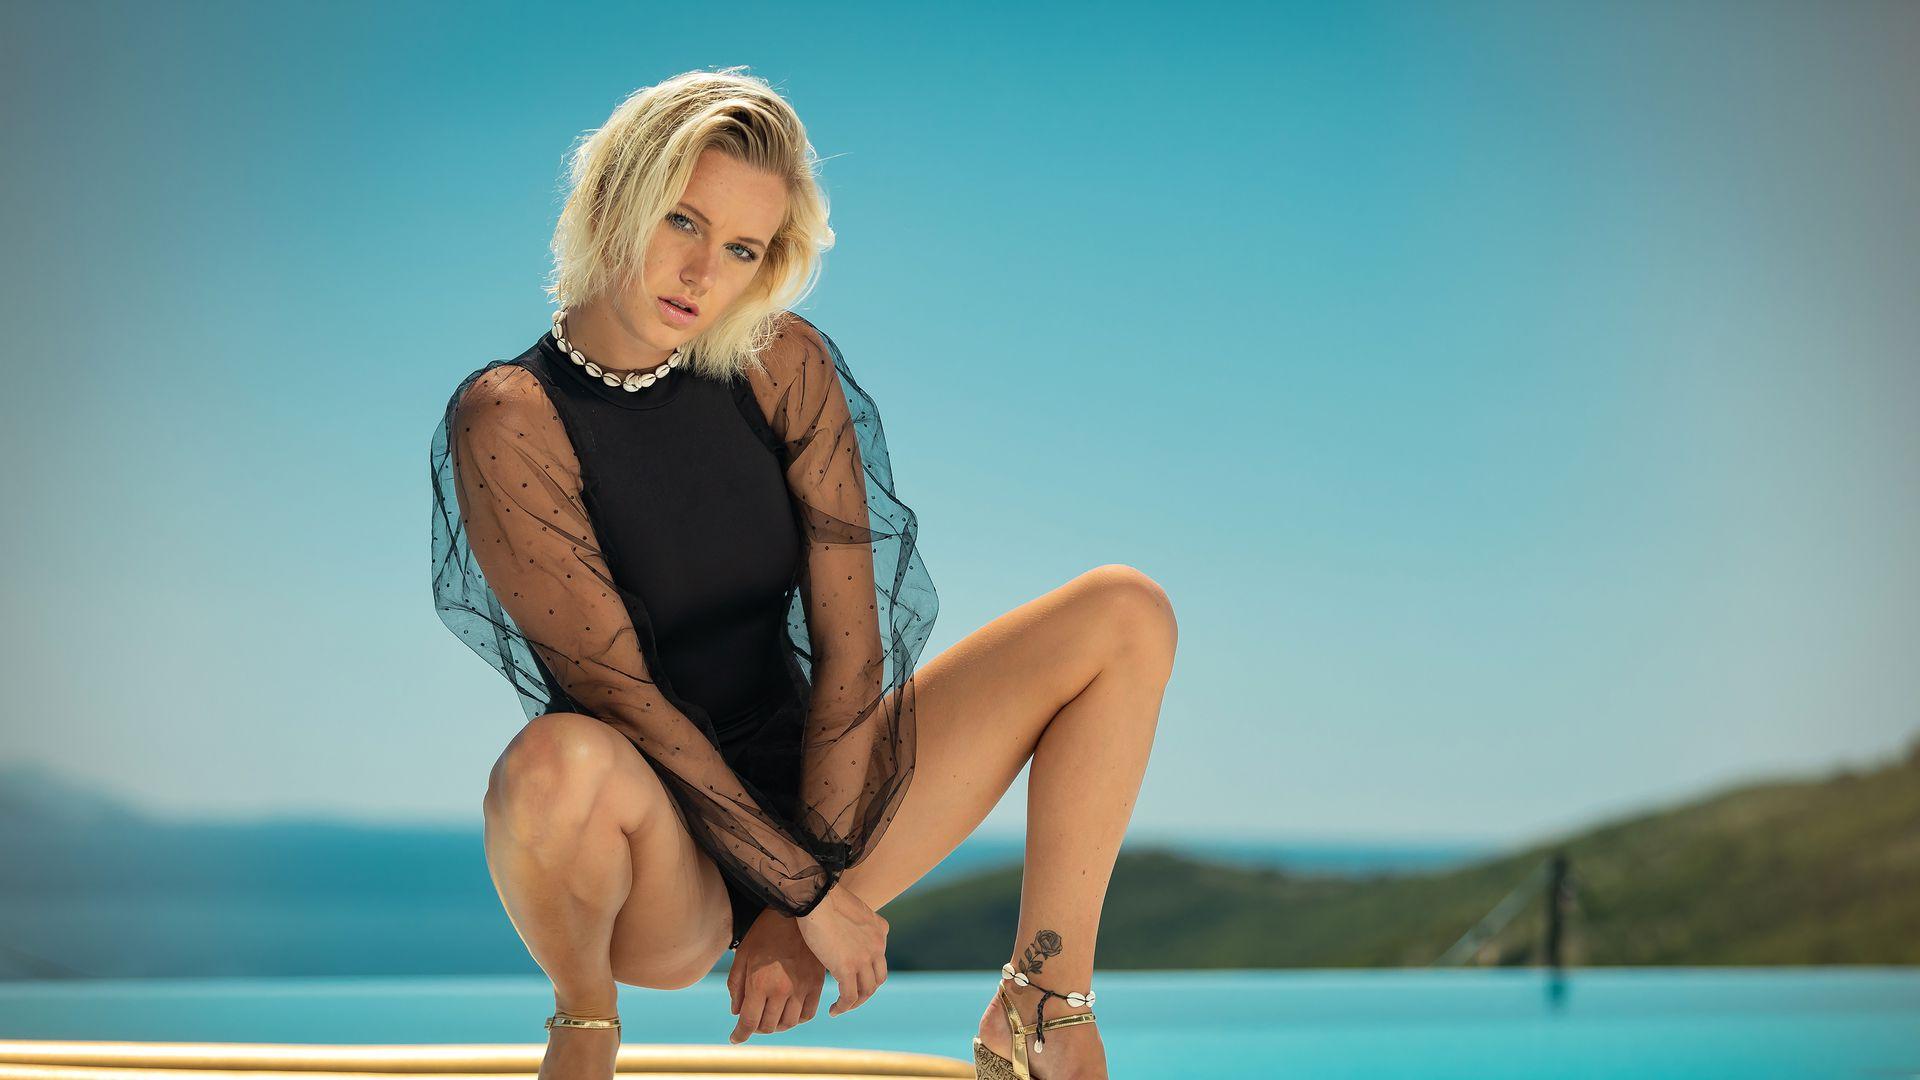 Nach-Totgeburt-Temptation-Island-Camgirl-wieder-schwanger